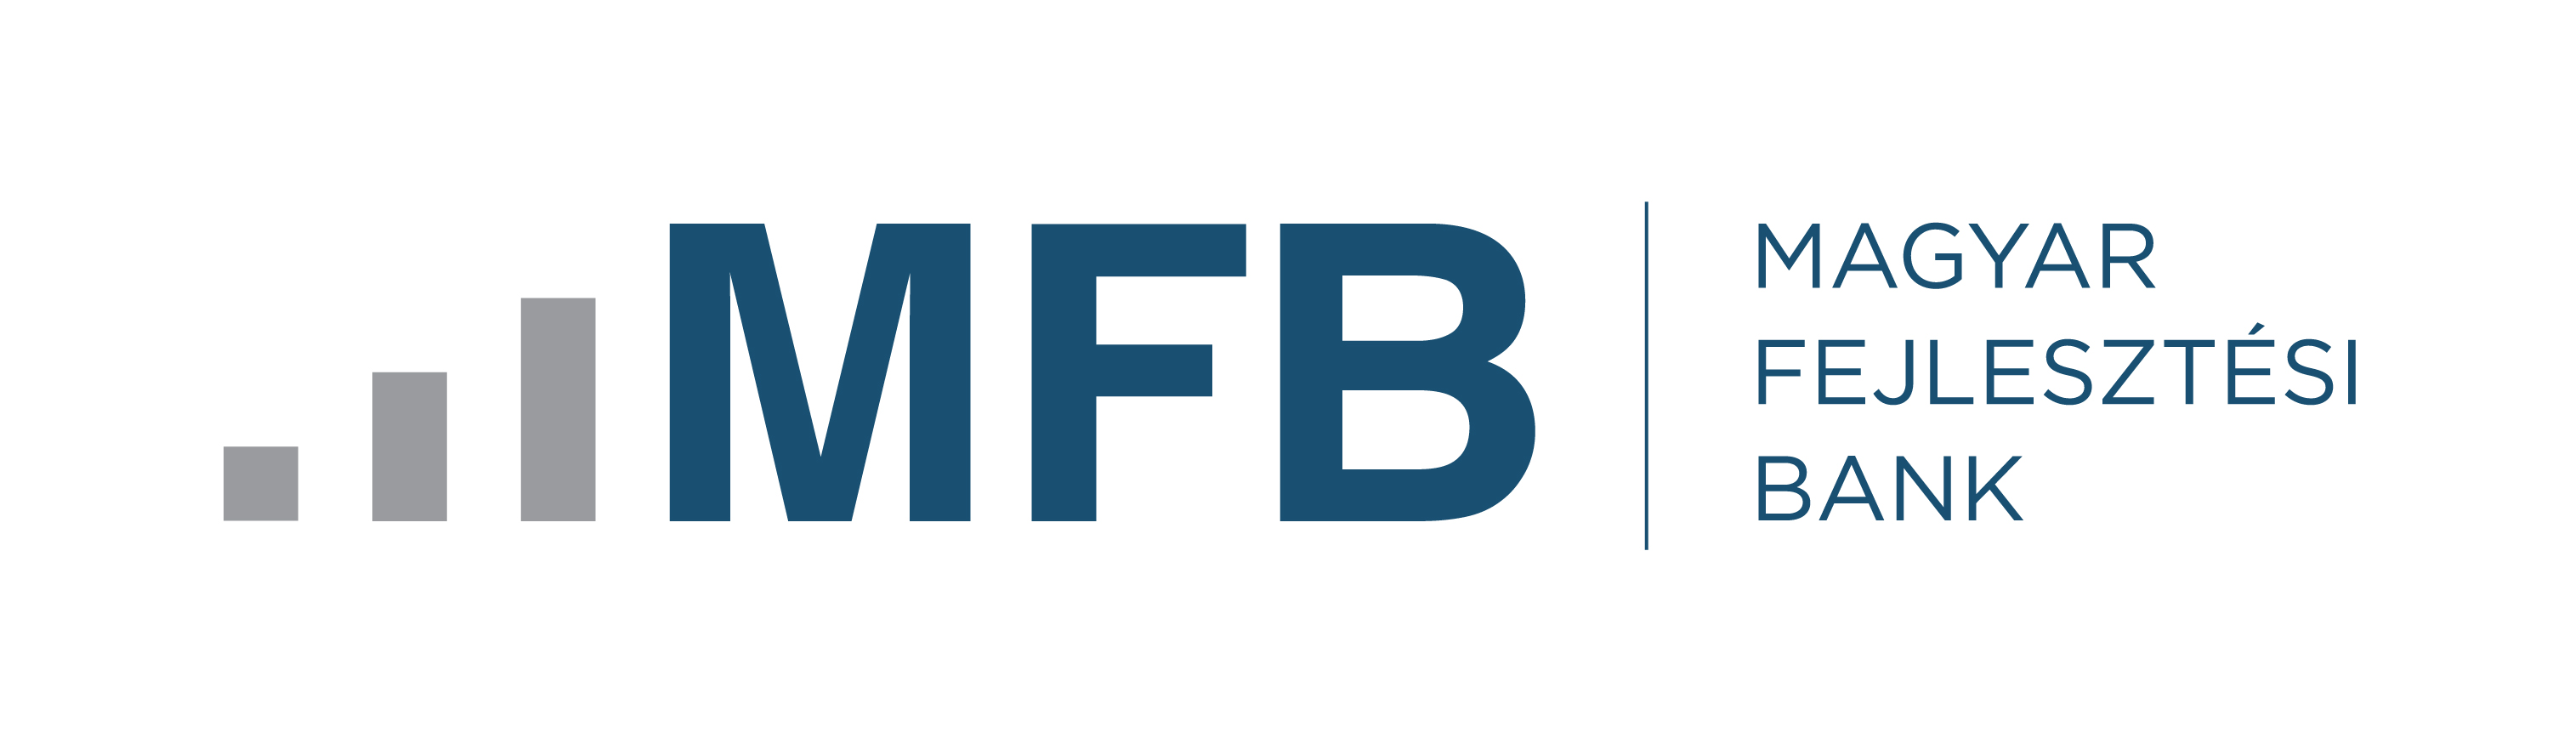 mfb_logo_2017.jpg